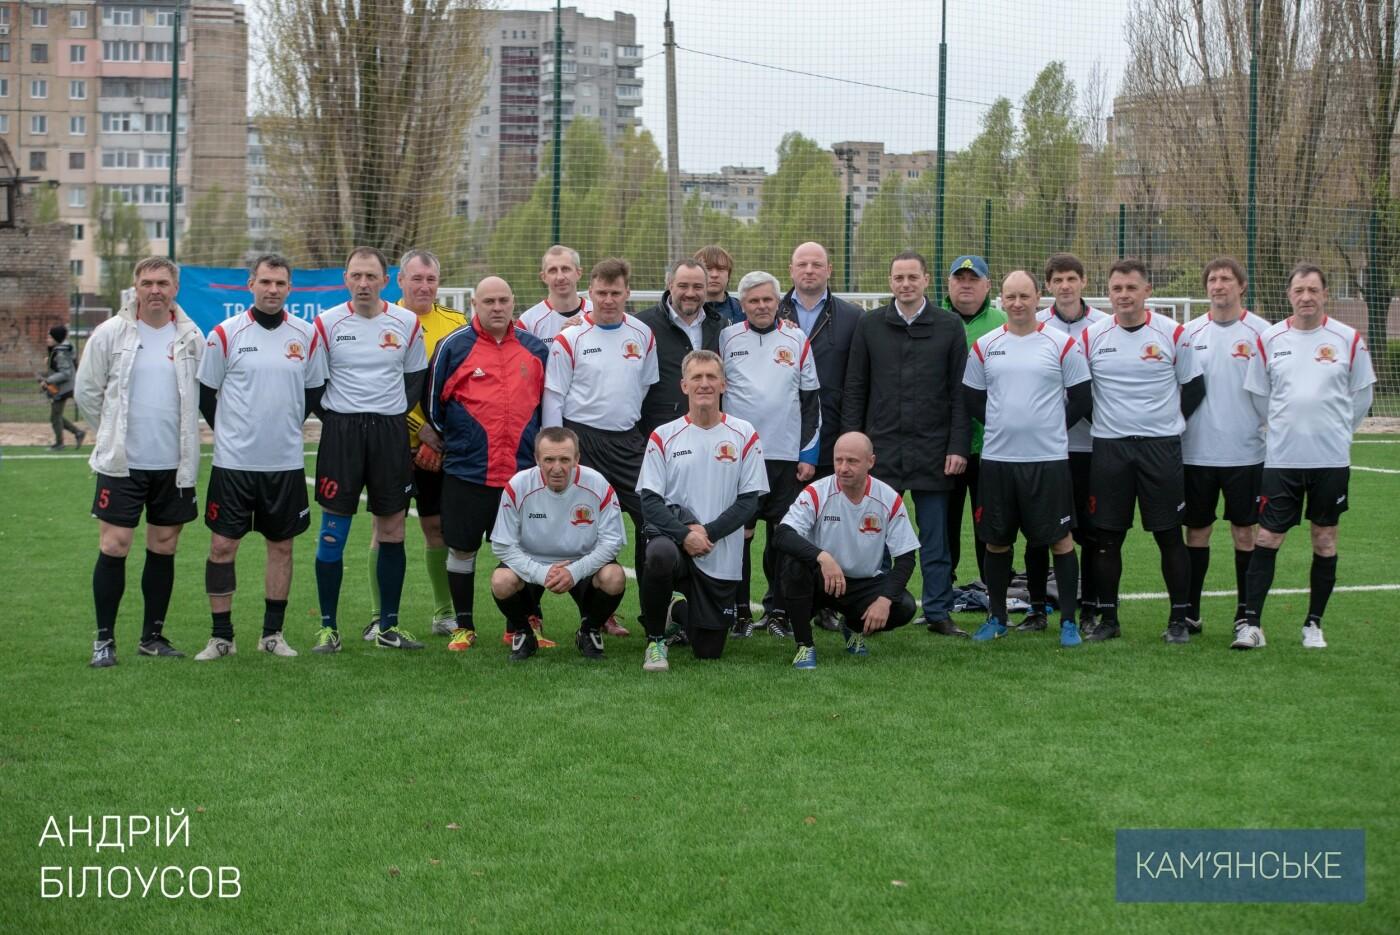 Новый стадион в Каменском открыли матчем со звездами украинского футбола, фото-4